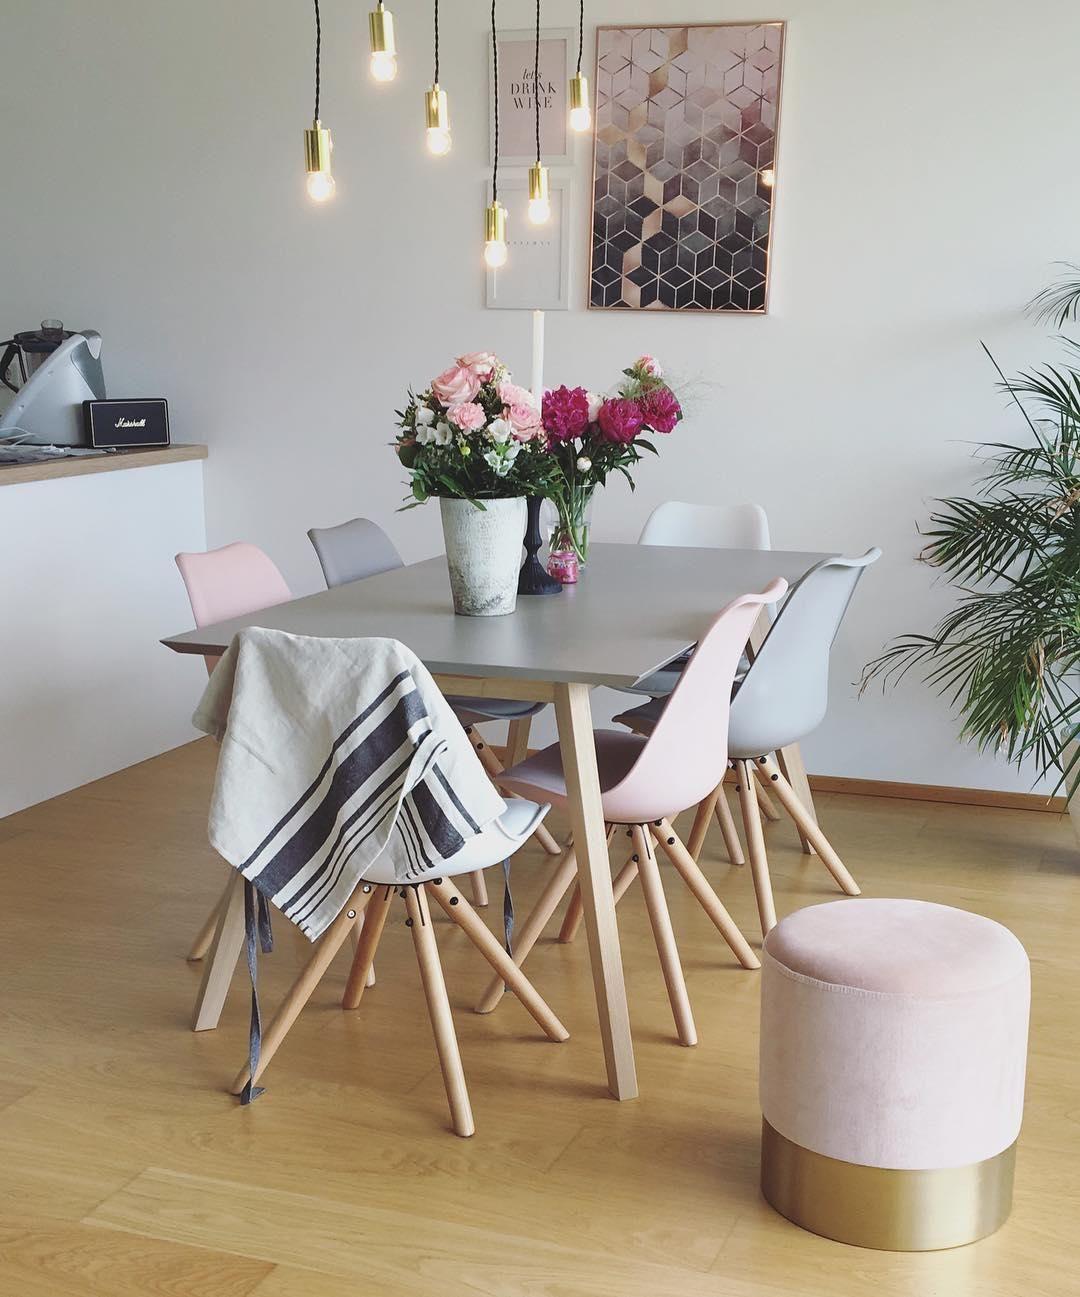 3 bett halb badezimmer ideen samthocker harlow in   interior design  pinterest  living